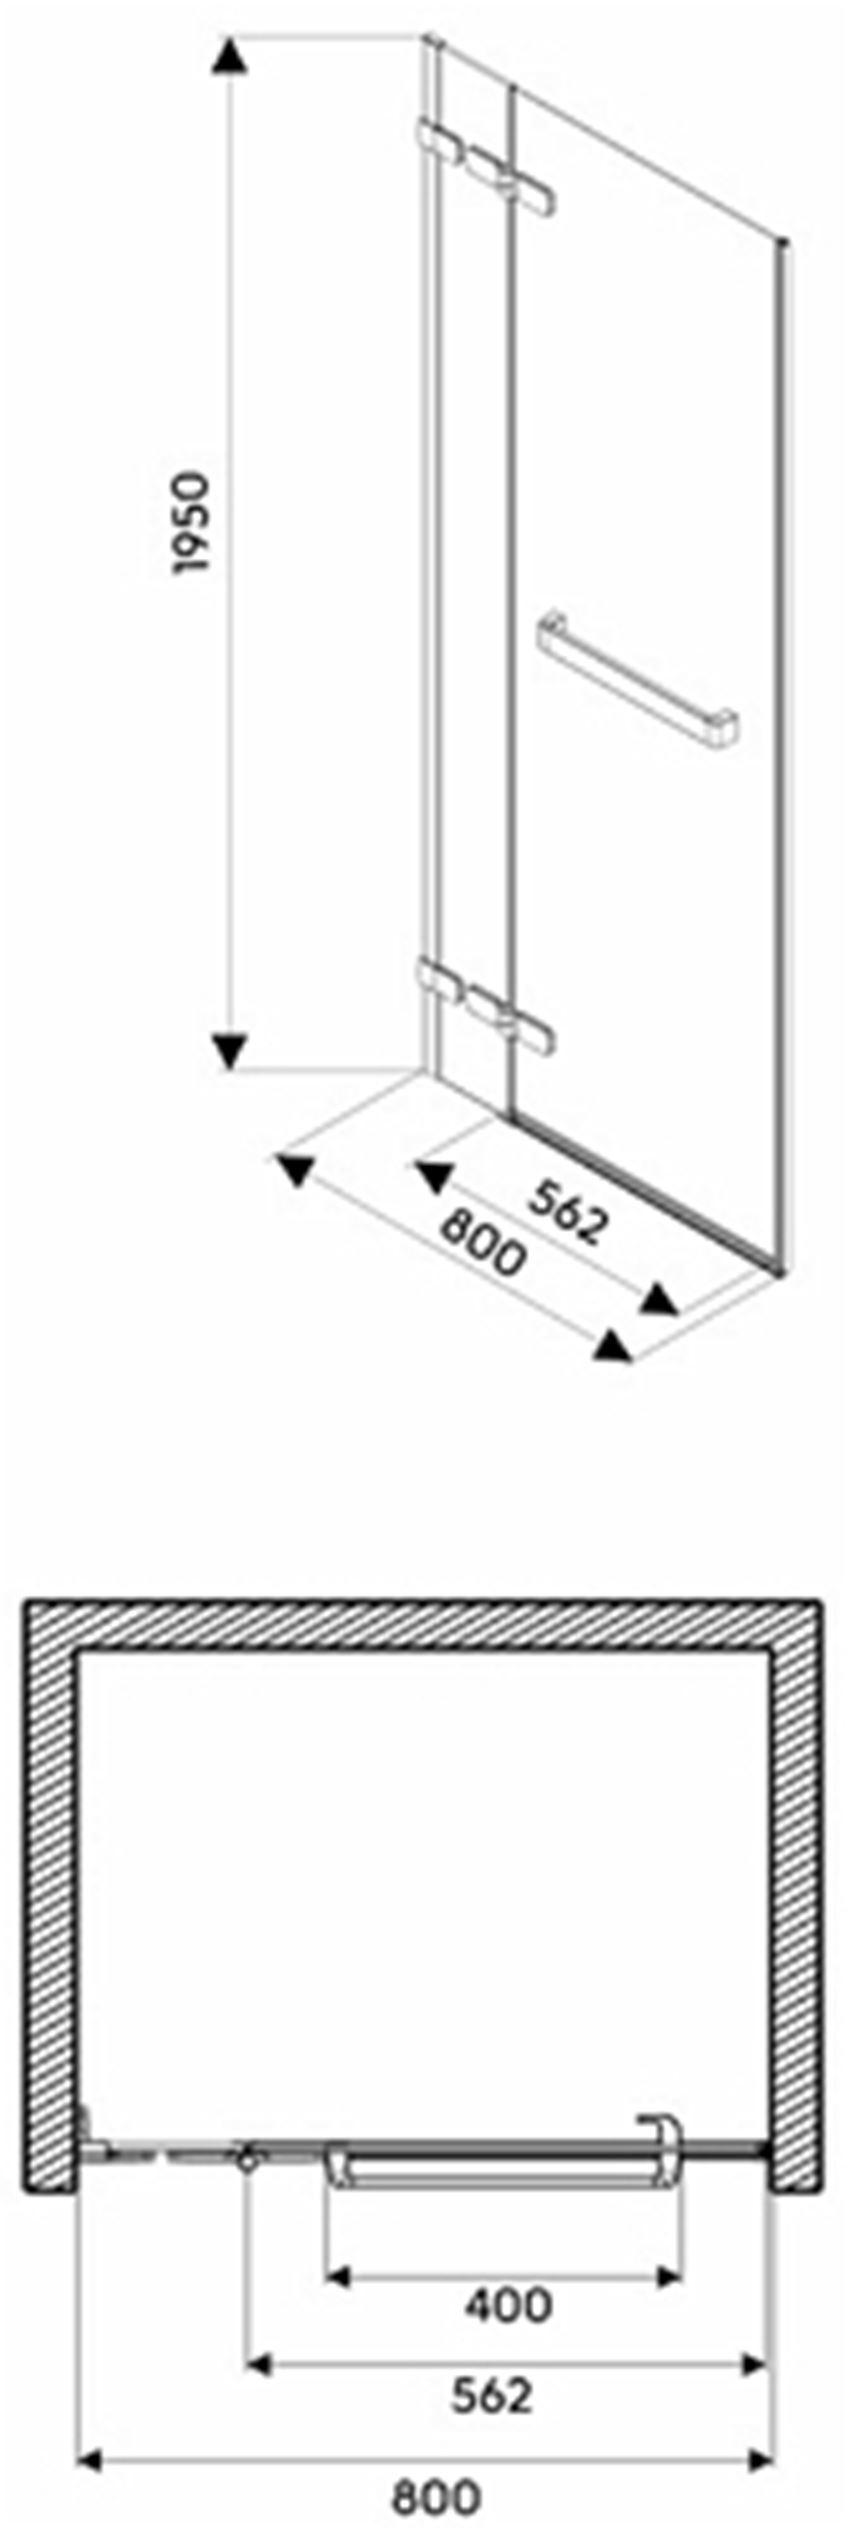 Drzwi lewostronne 80x195 cm Koło Next rysunek techniczny